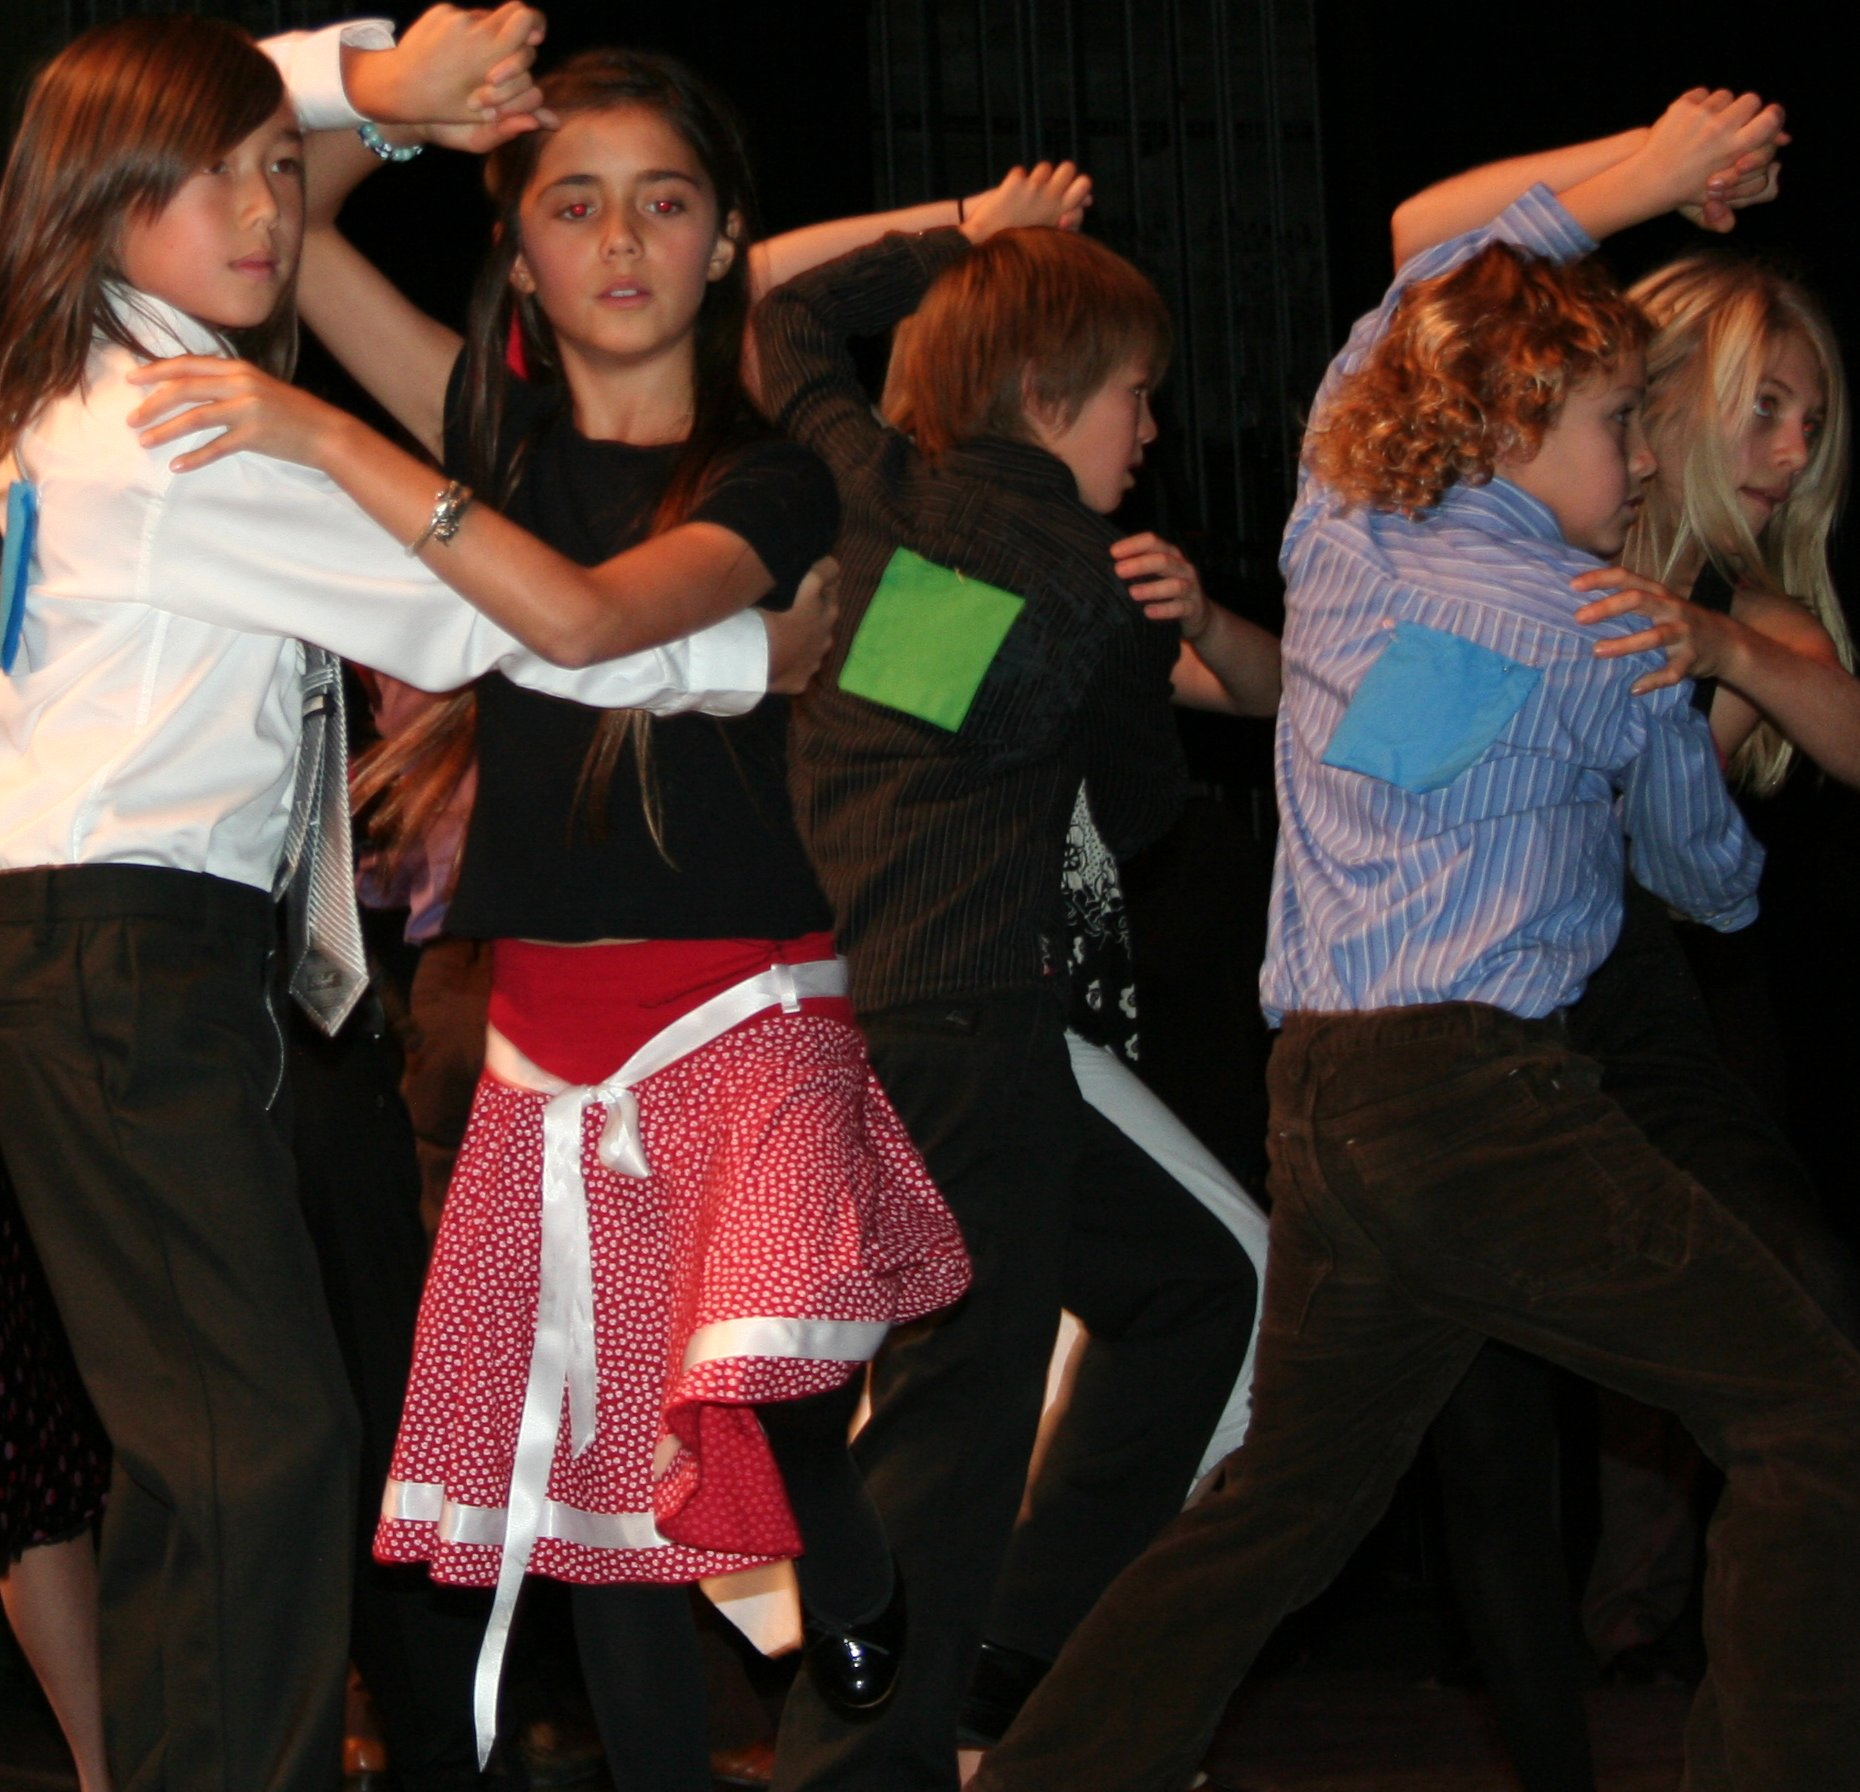 Dance_Ballroom Madness_12-10-09 169A.jpg